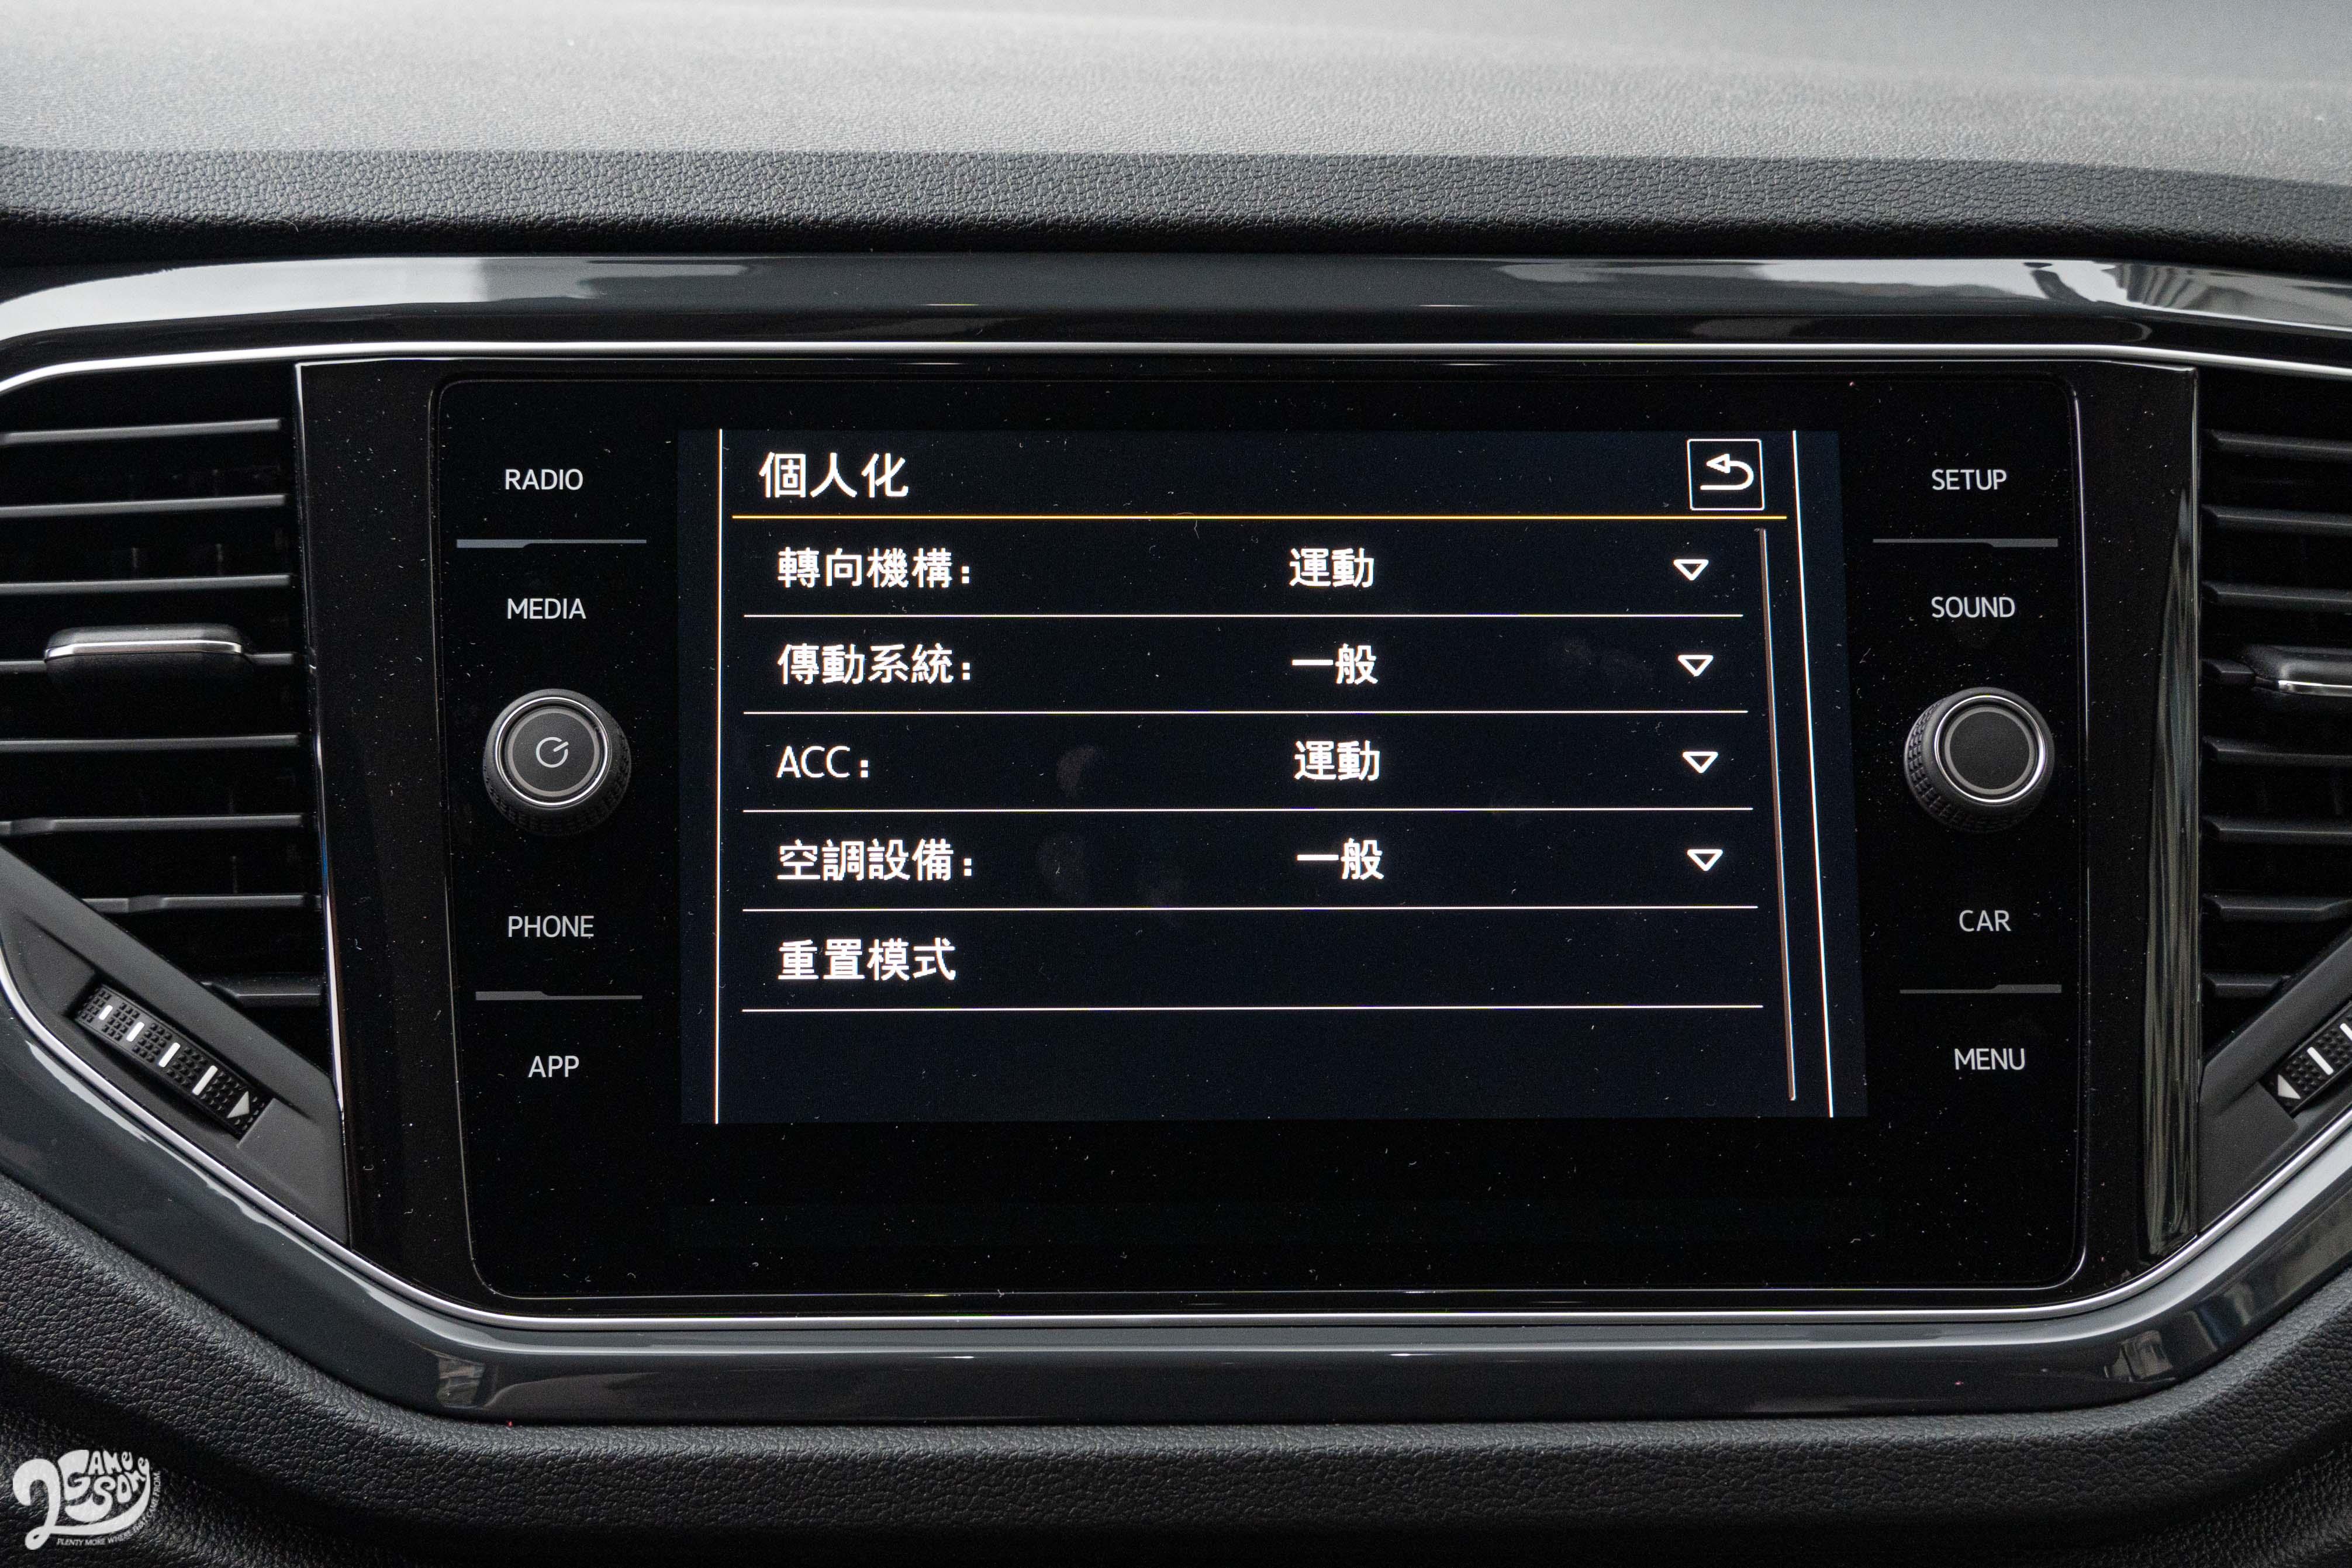 個人化駕駛模式可以針對轉向、換檔反應、ACC 系統作動邏輯、空調系統等加以獨立控制。